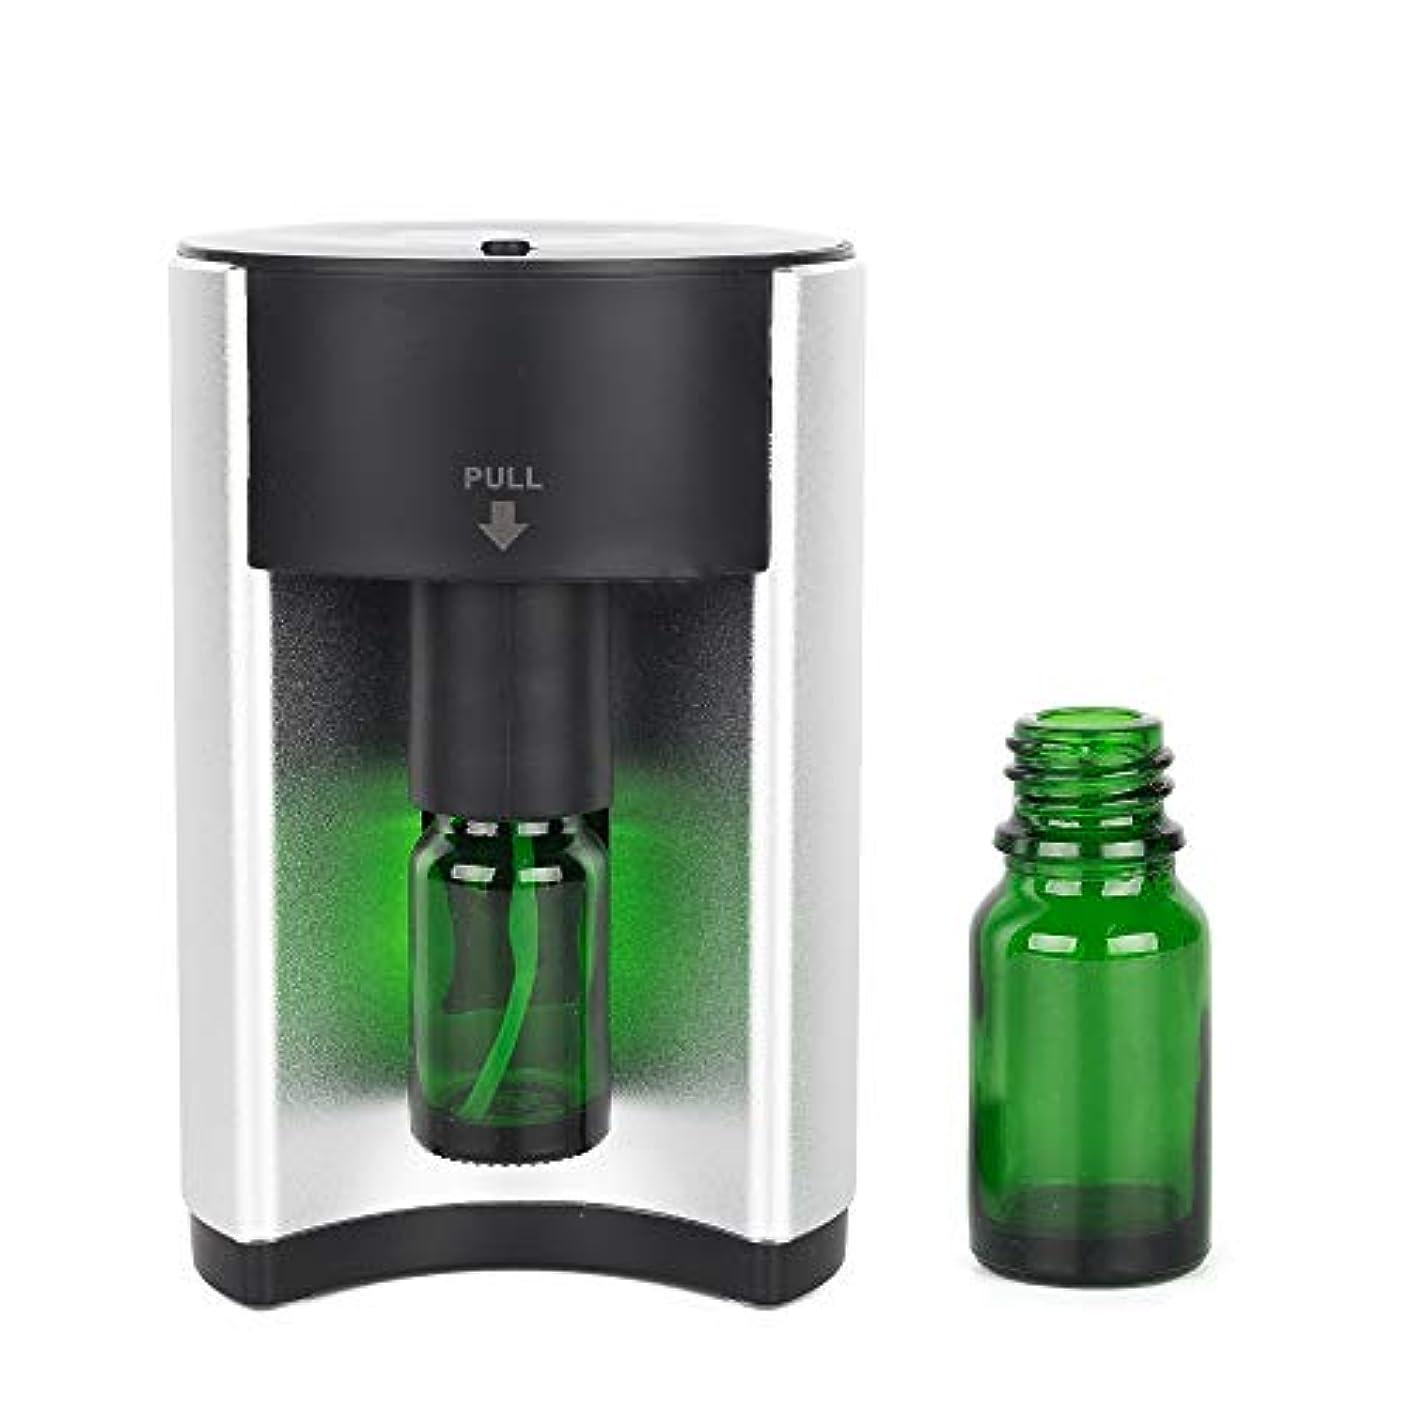 報酬のあいにく利得アロマディフューザー アロマ 芳香器 (GT-SH-S1)アロマオイル ネブライザー式 アロマポット usb コンセント 小型 香り おしゃれ 可愛い シンプル 軽量 卓上 シンプル スマート 水を使わない オイル別売り